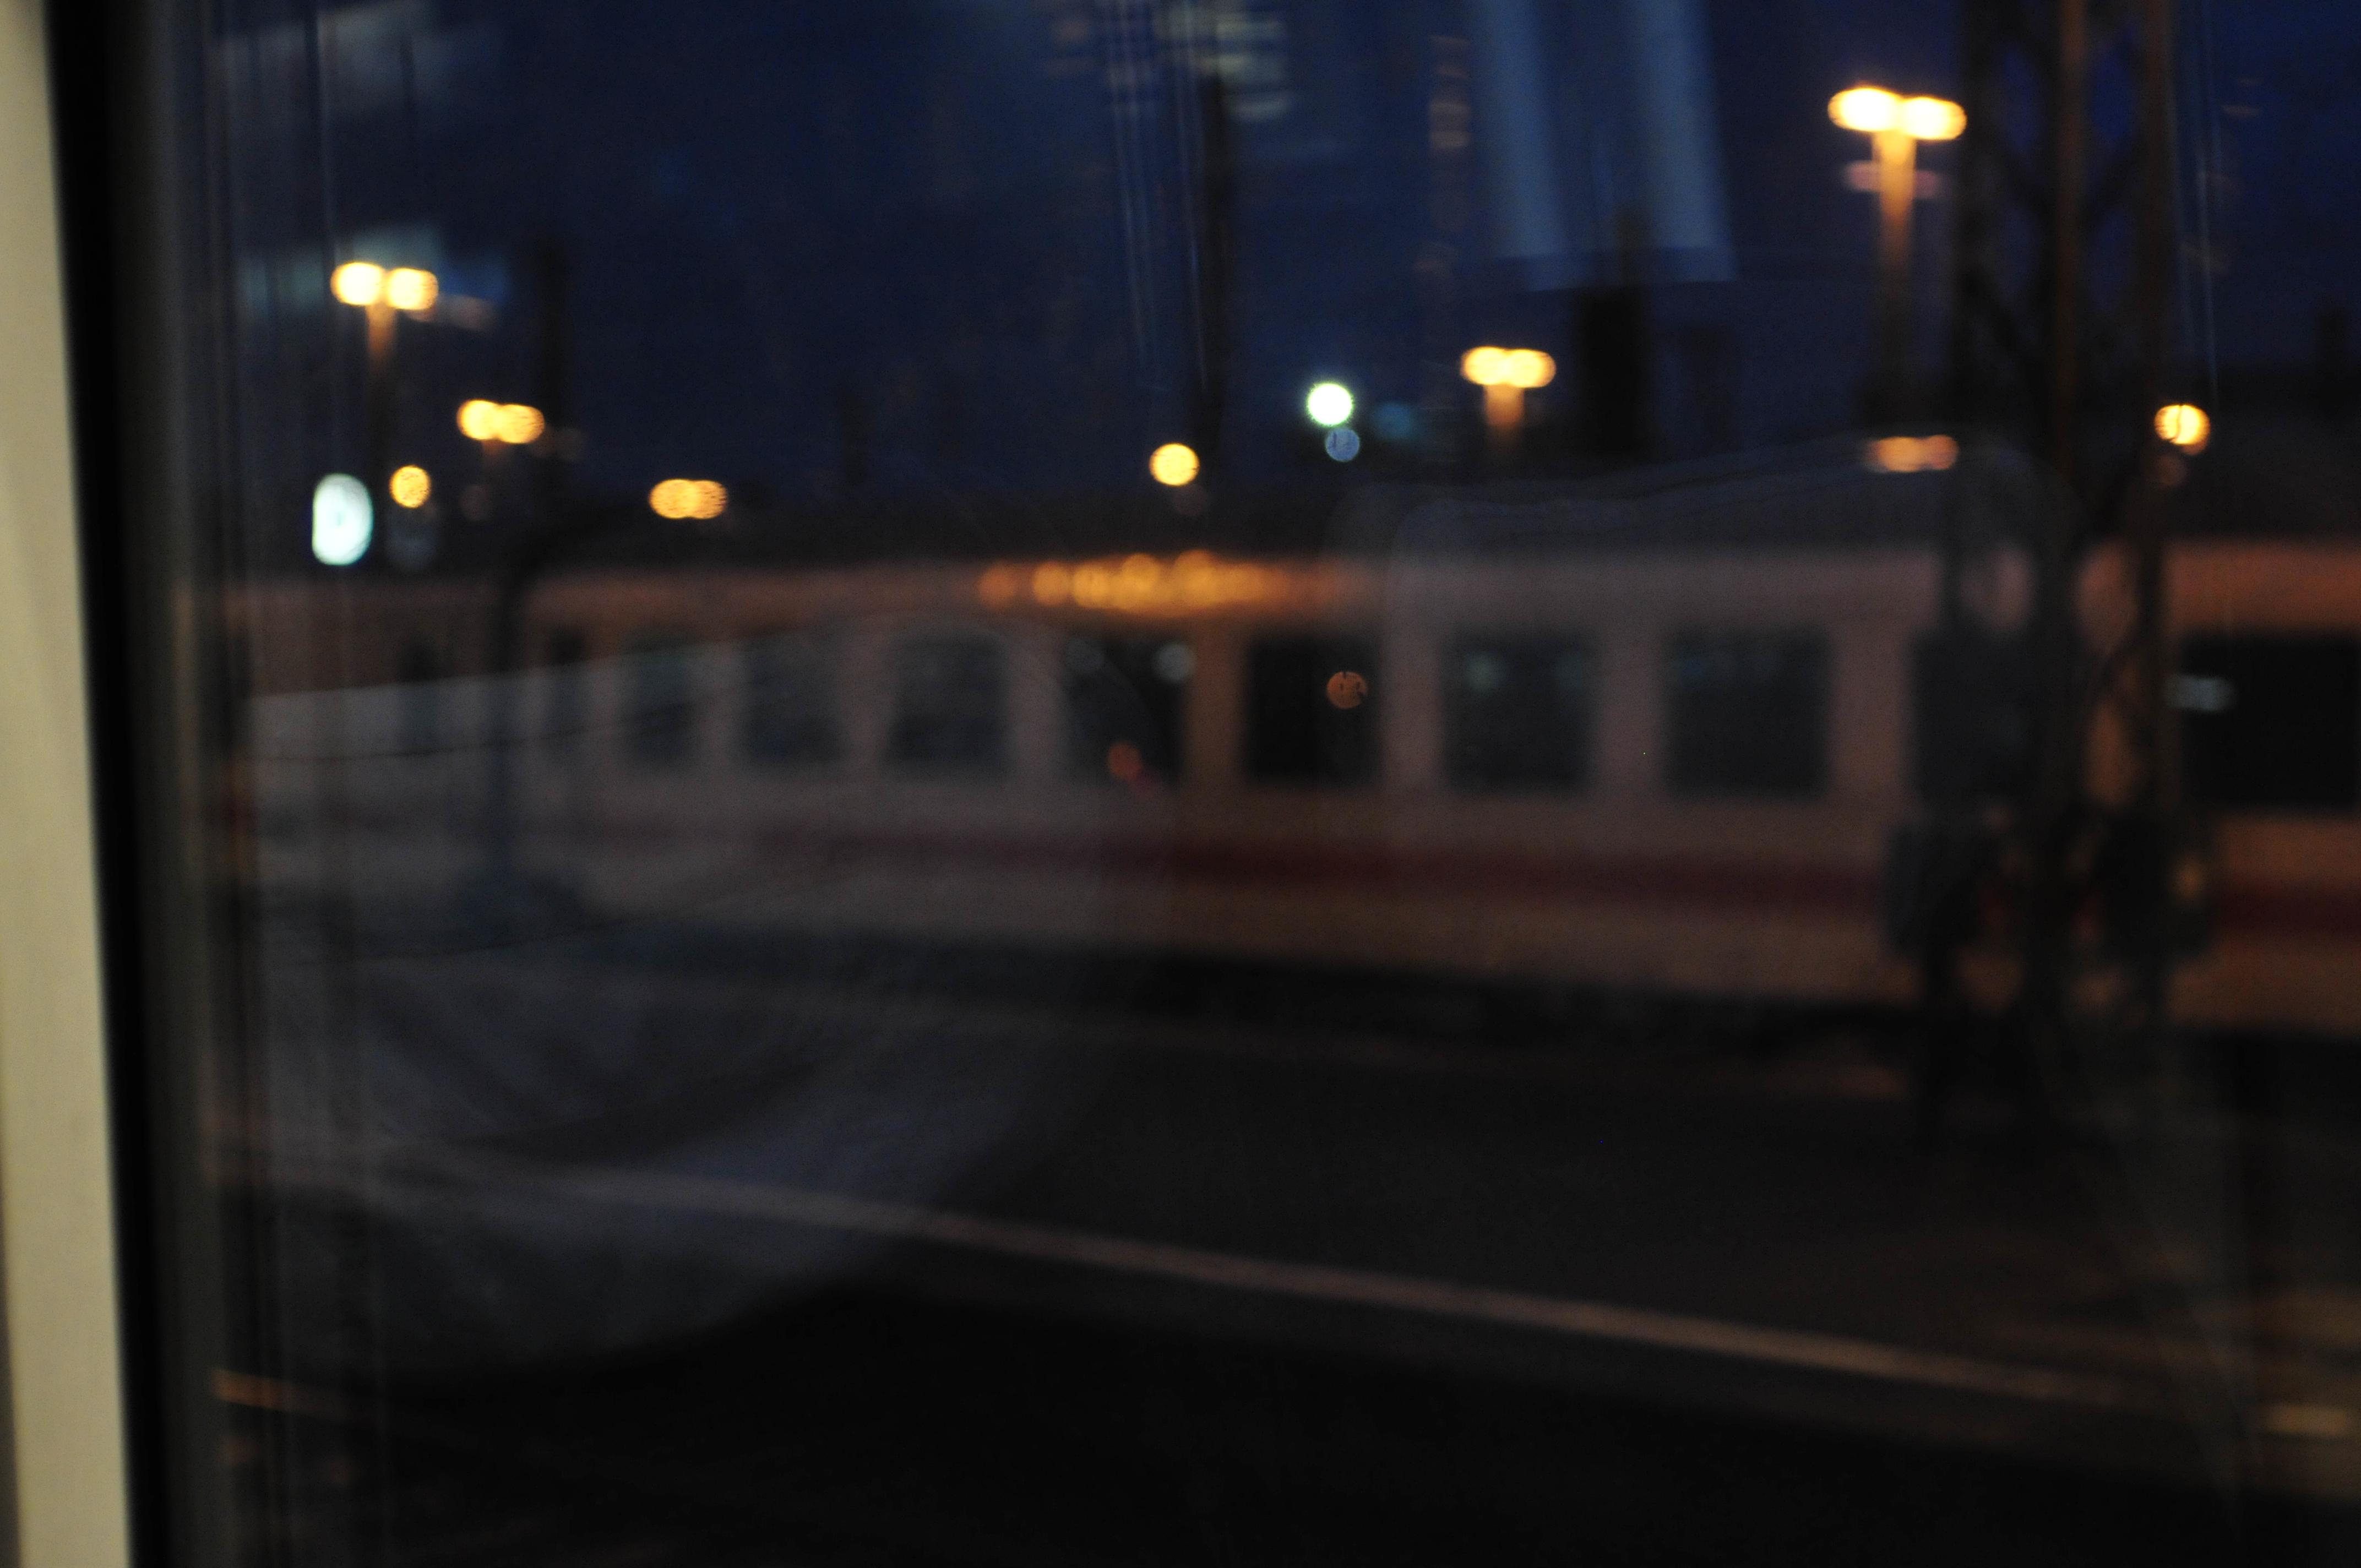 13-01-09-test-solmeta-n3-314.jpg